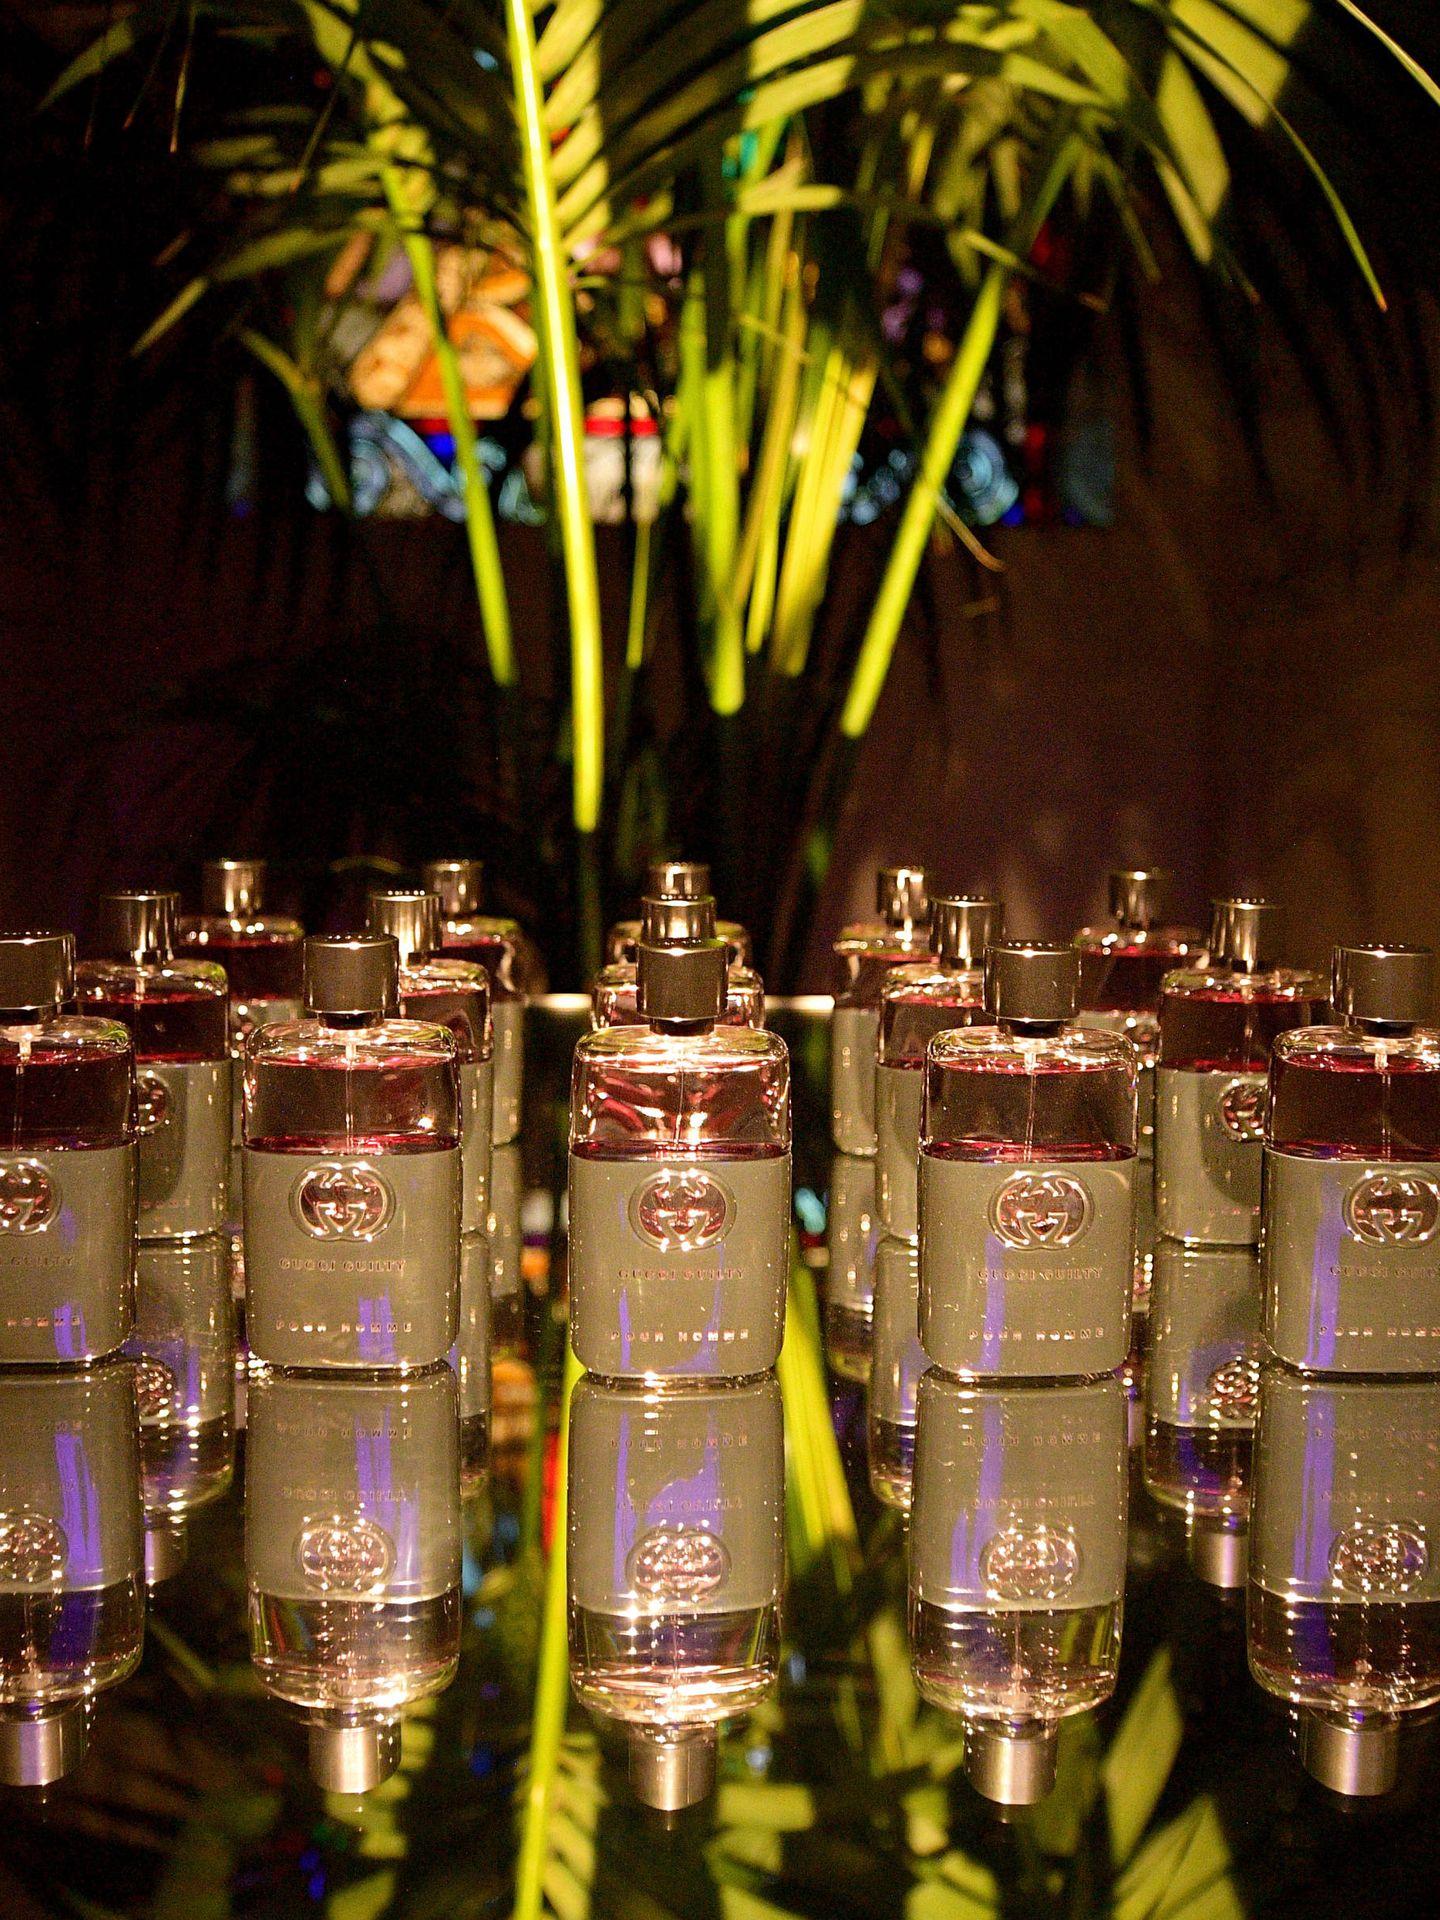 Perfumes (Getty)